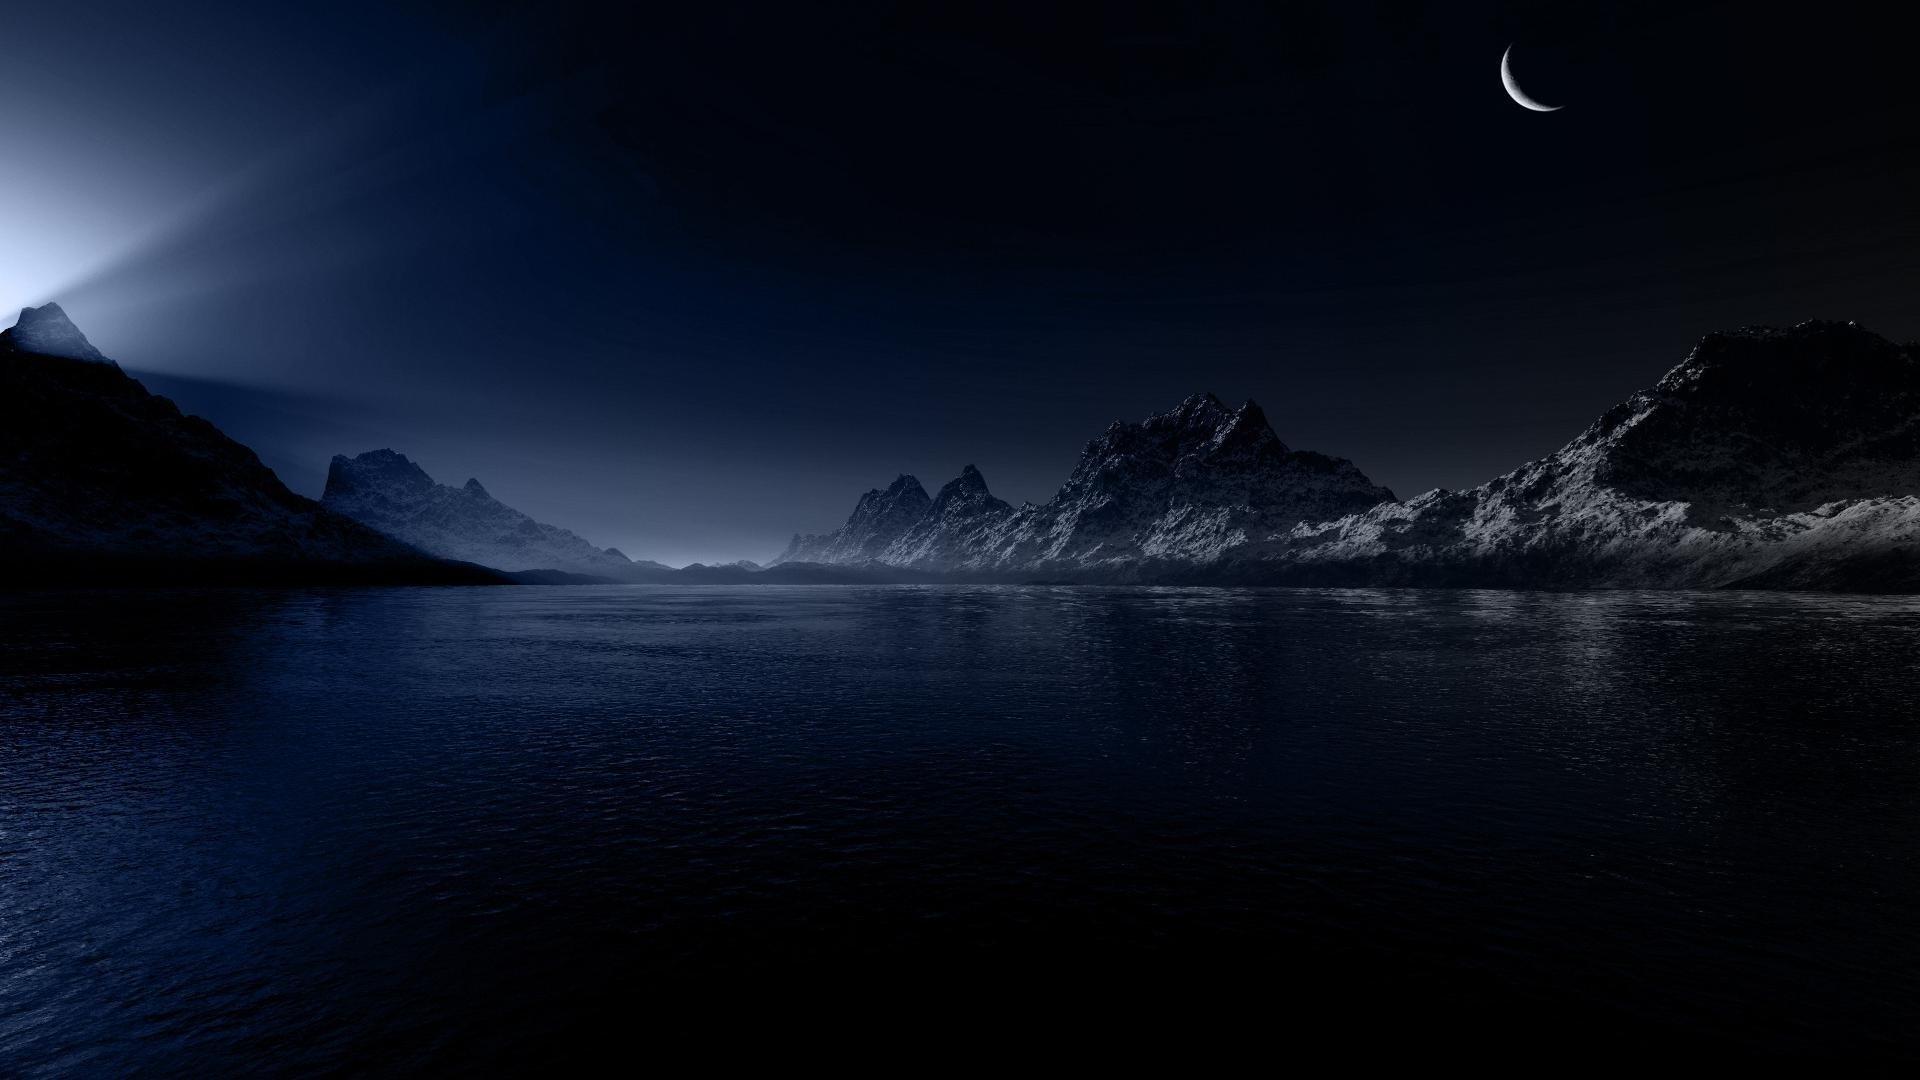 Dark Theme Wallpaper Picture hd